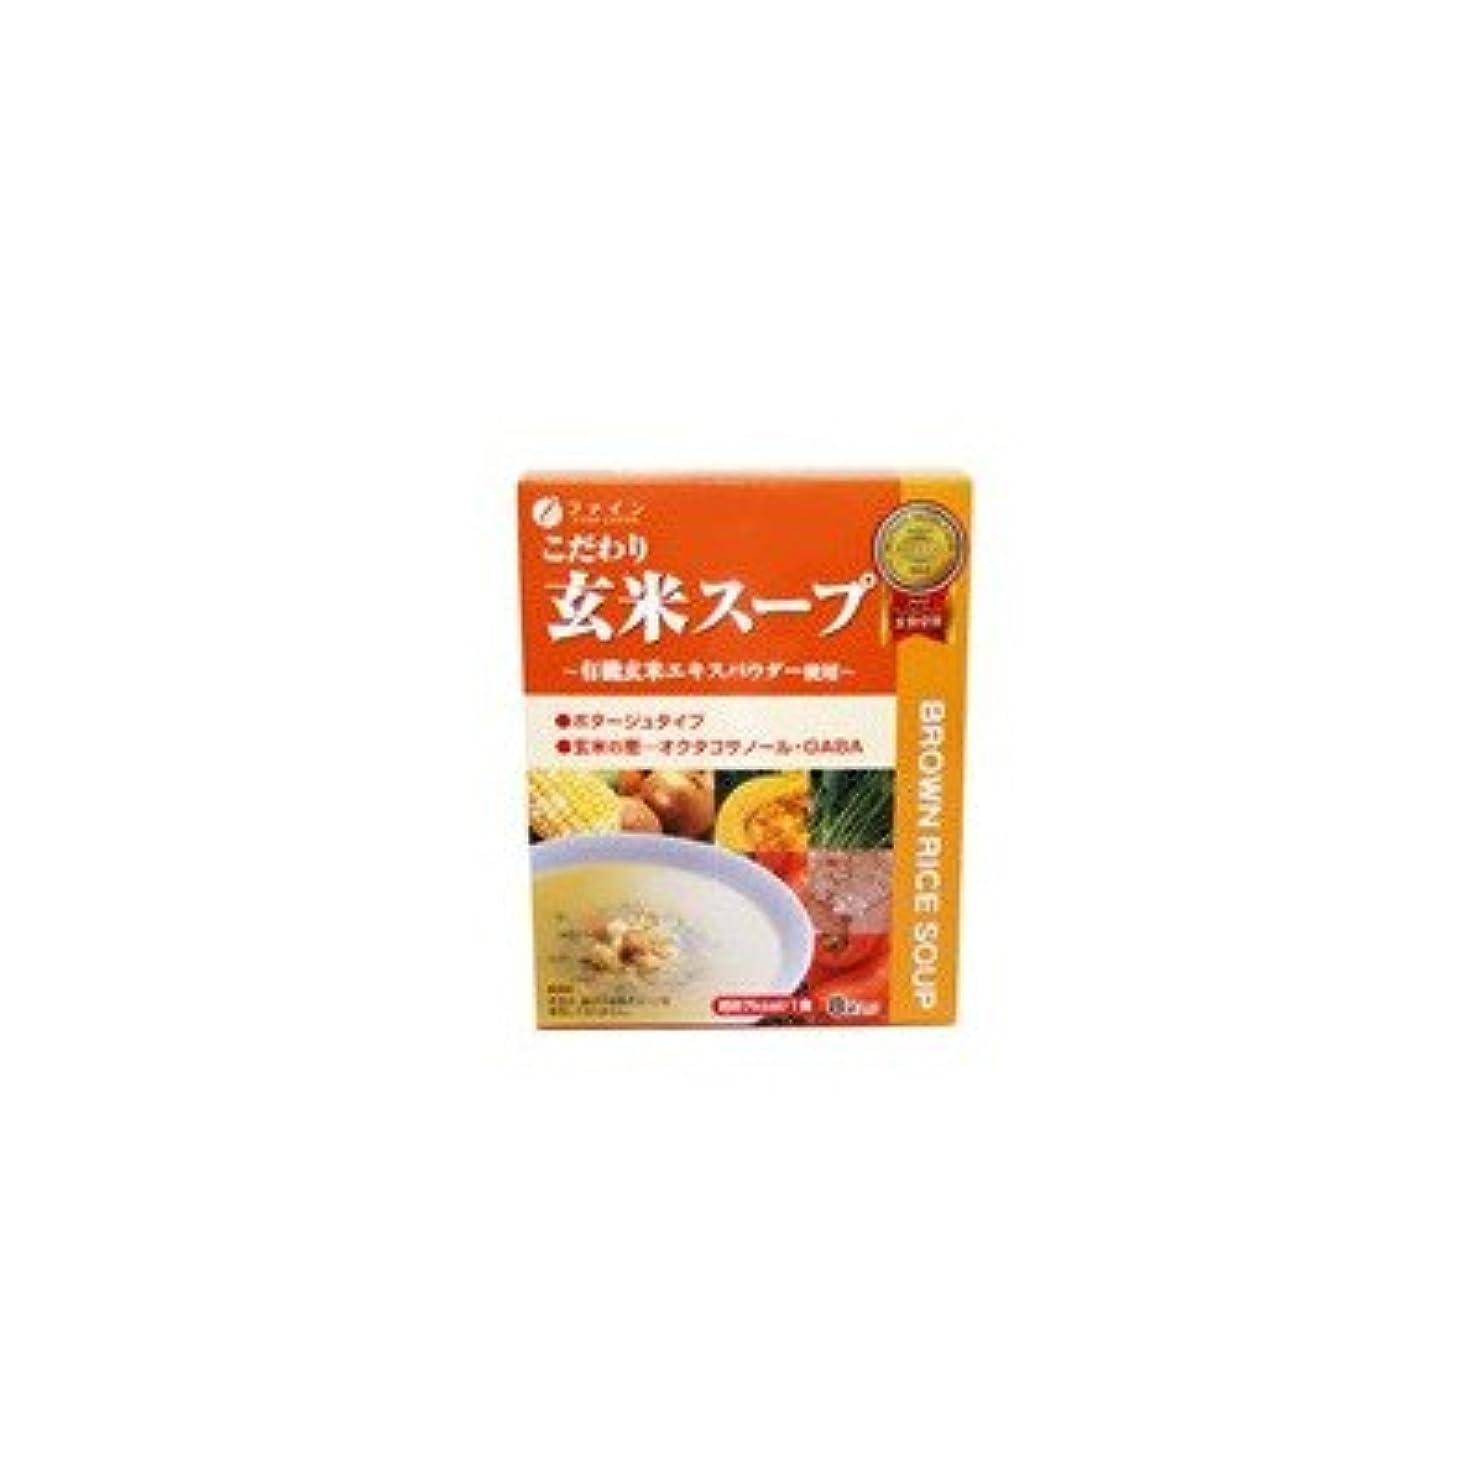 蓋キルト集中的なファイン 203399 こだわり玄米スープ(8食入り)